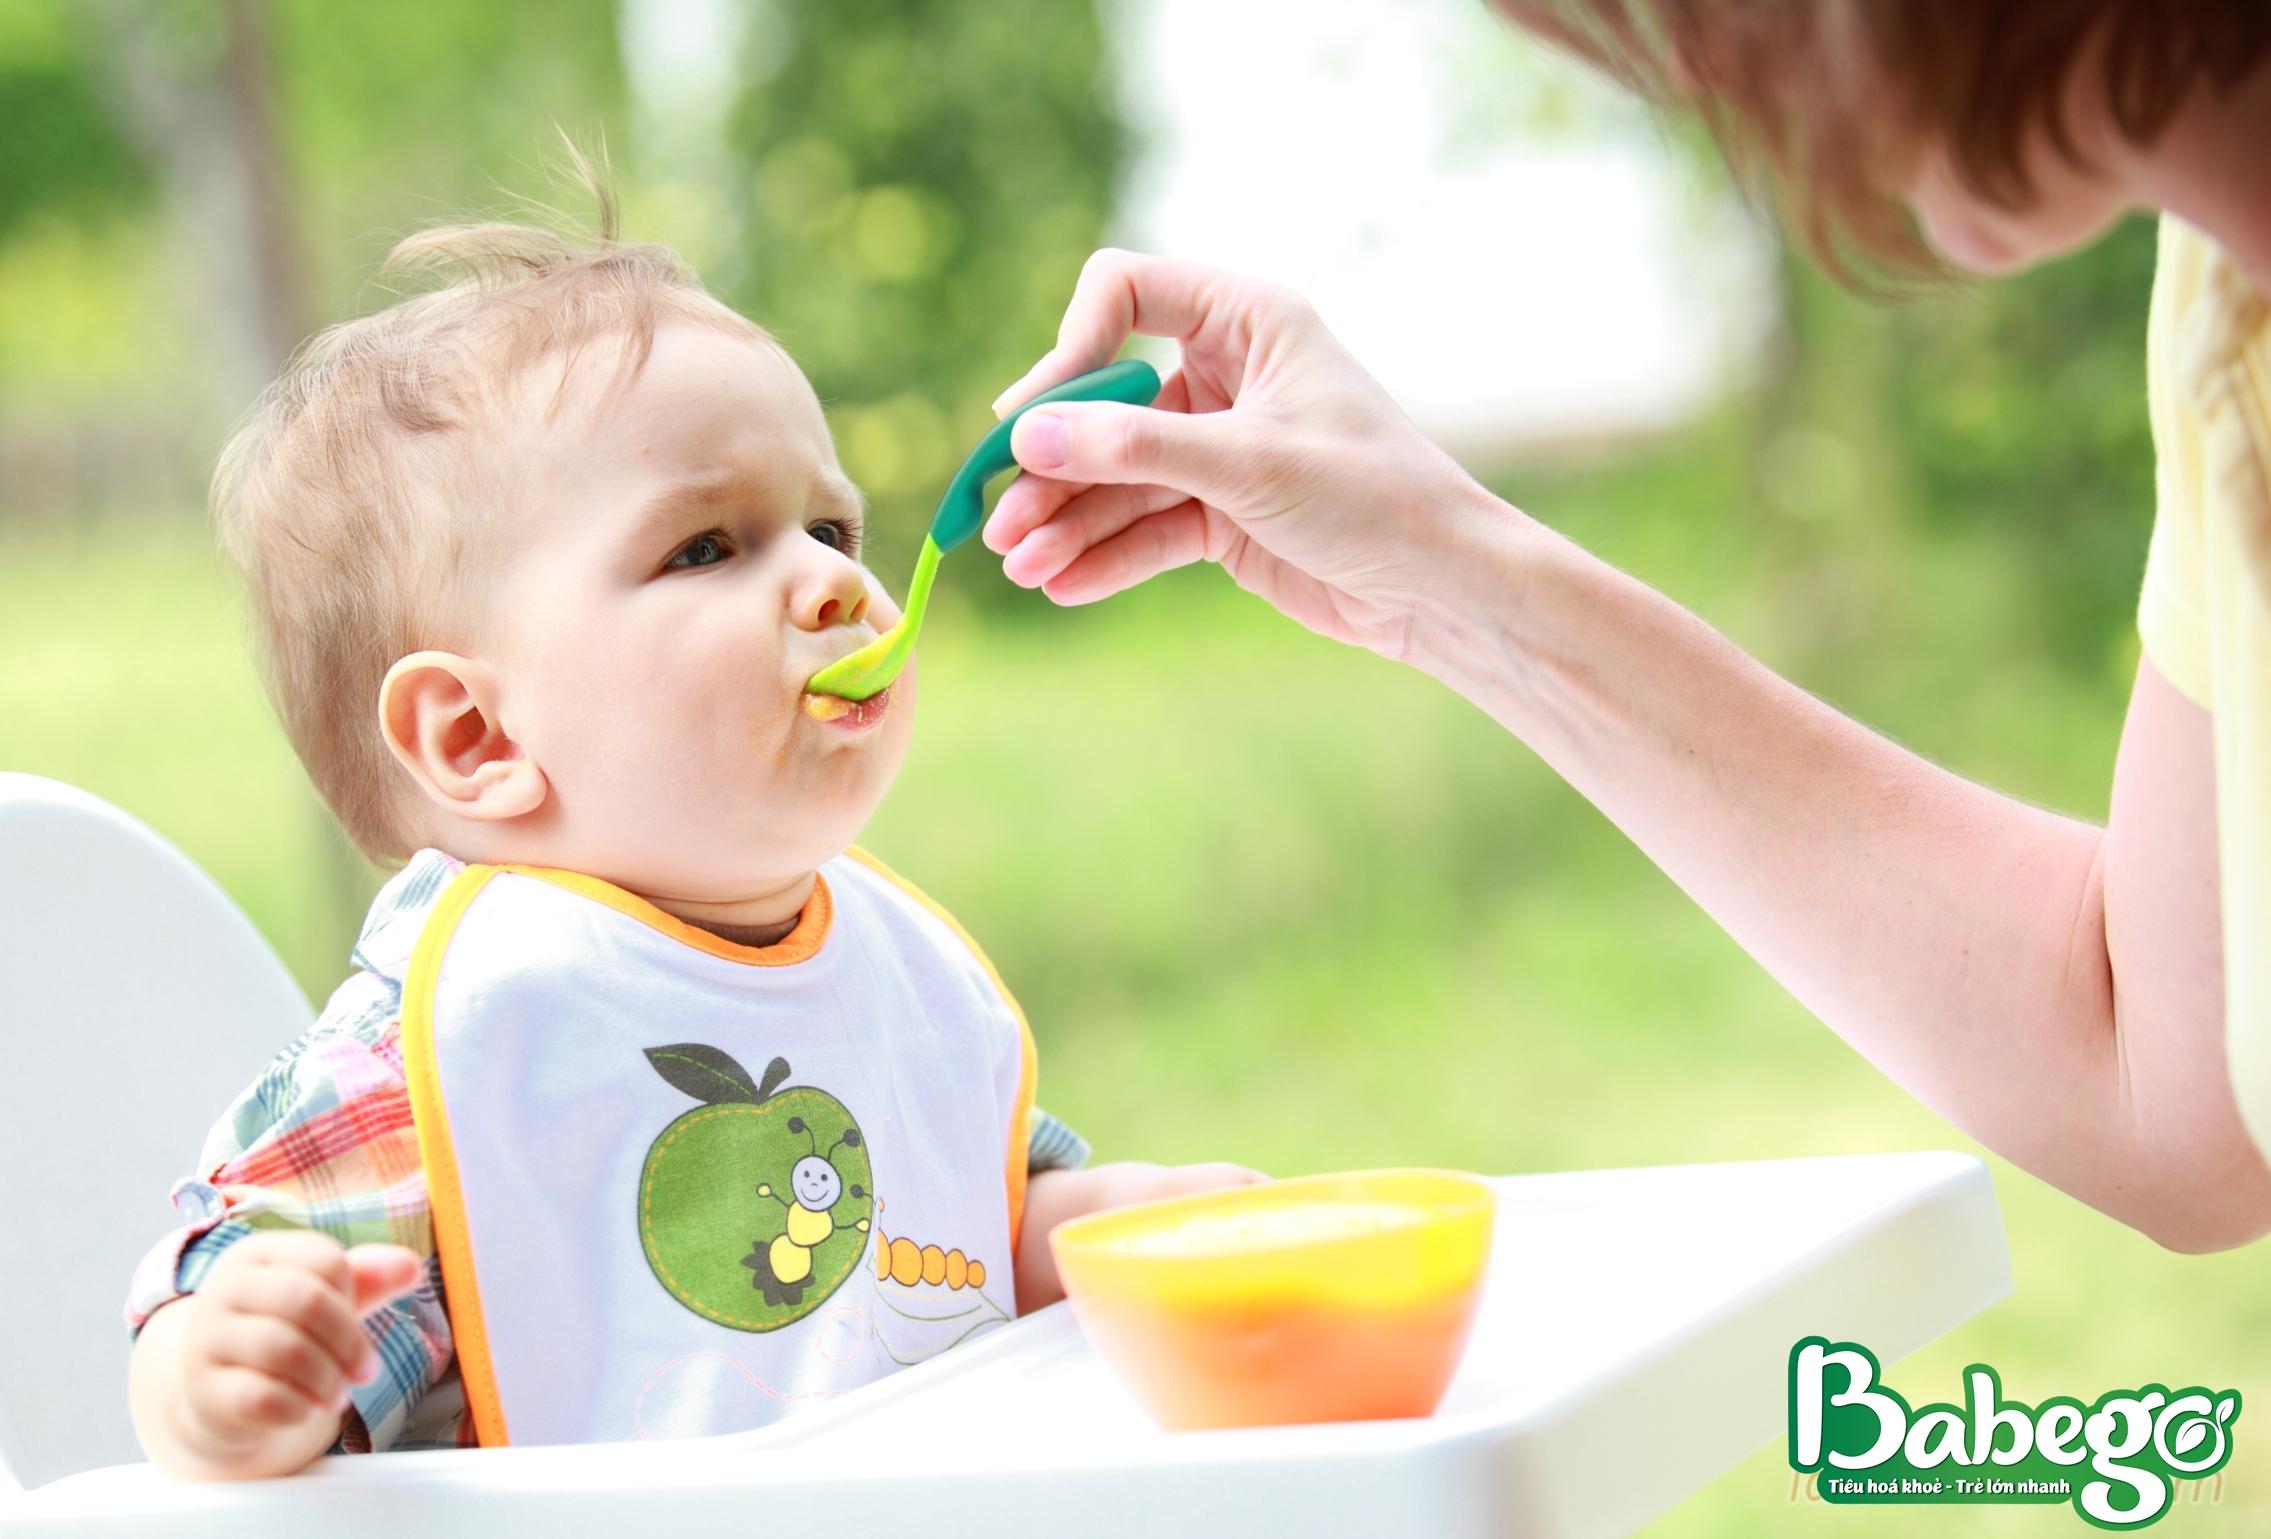 Trẻ 1 tuổi biếng ăn do chưa quen với chế độ ăn mới